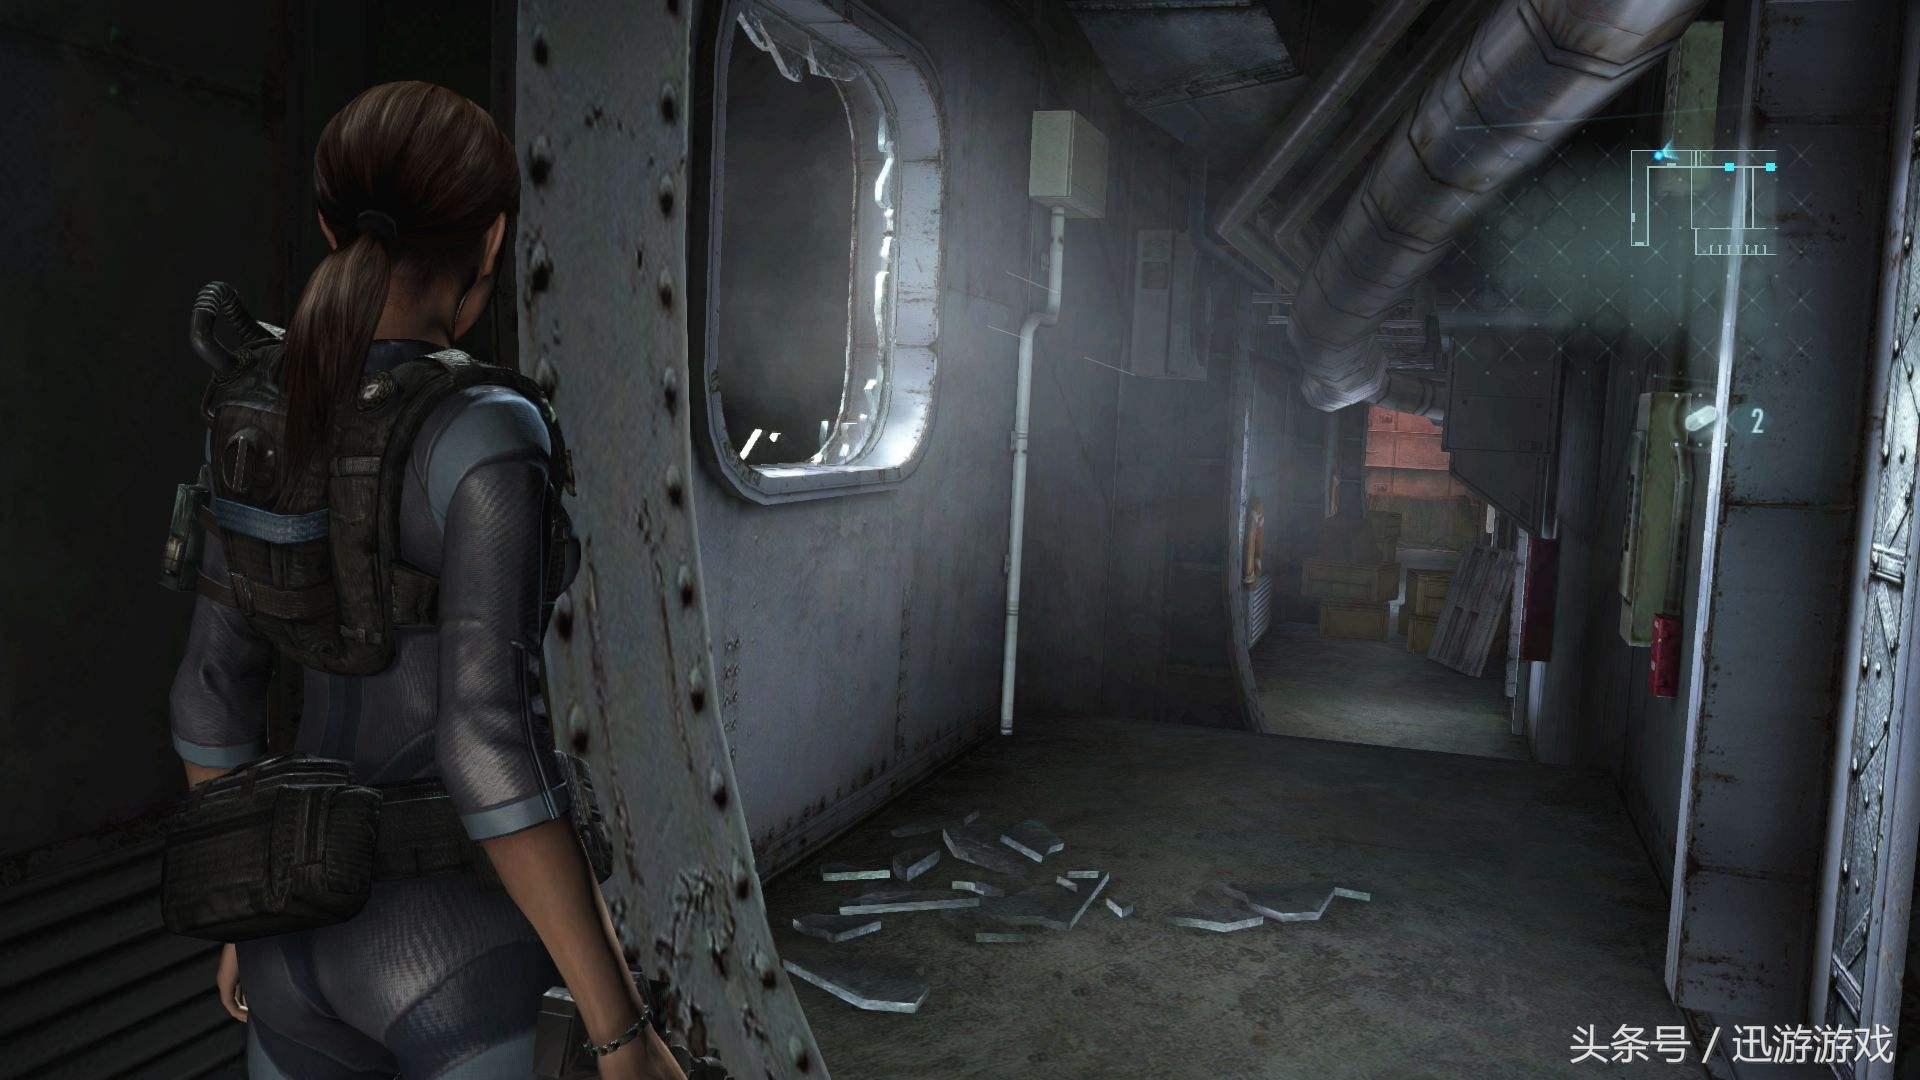 生化危机系列为何称为恐怖游戏之最?这几大要素或是它成功秘诀